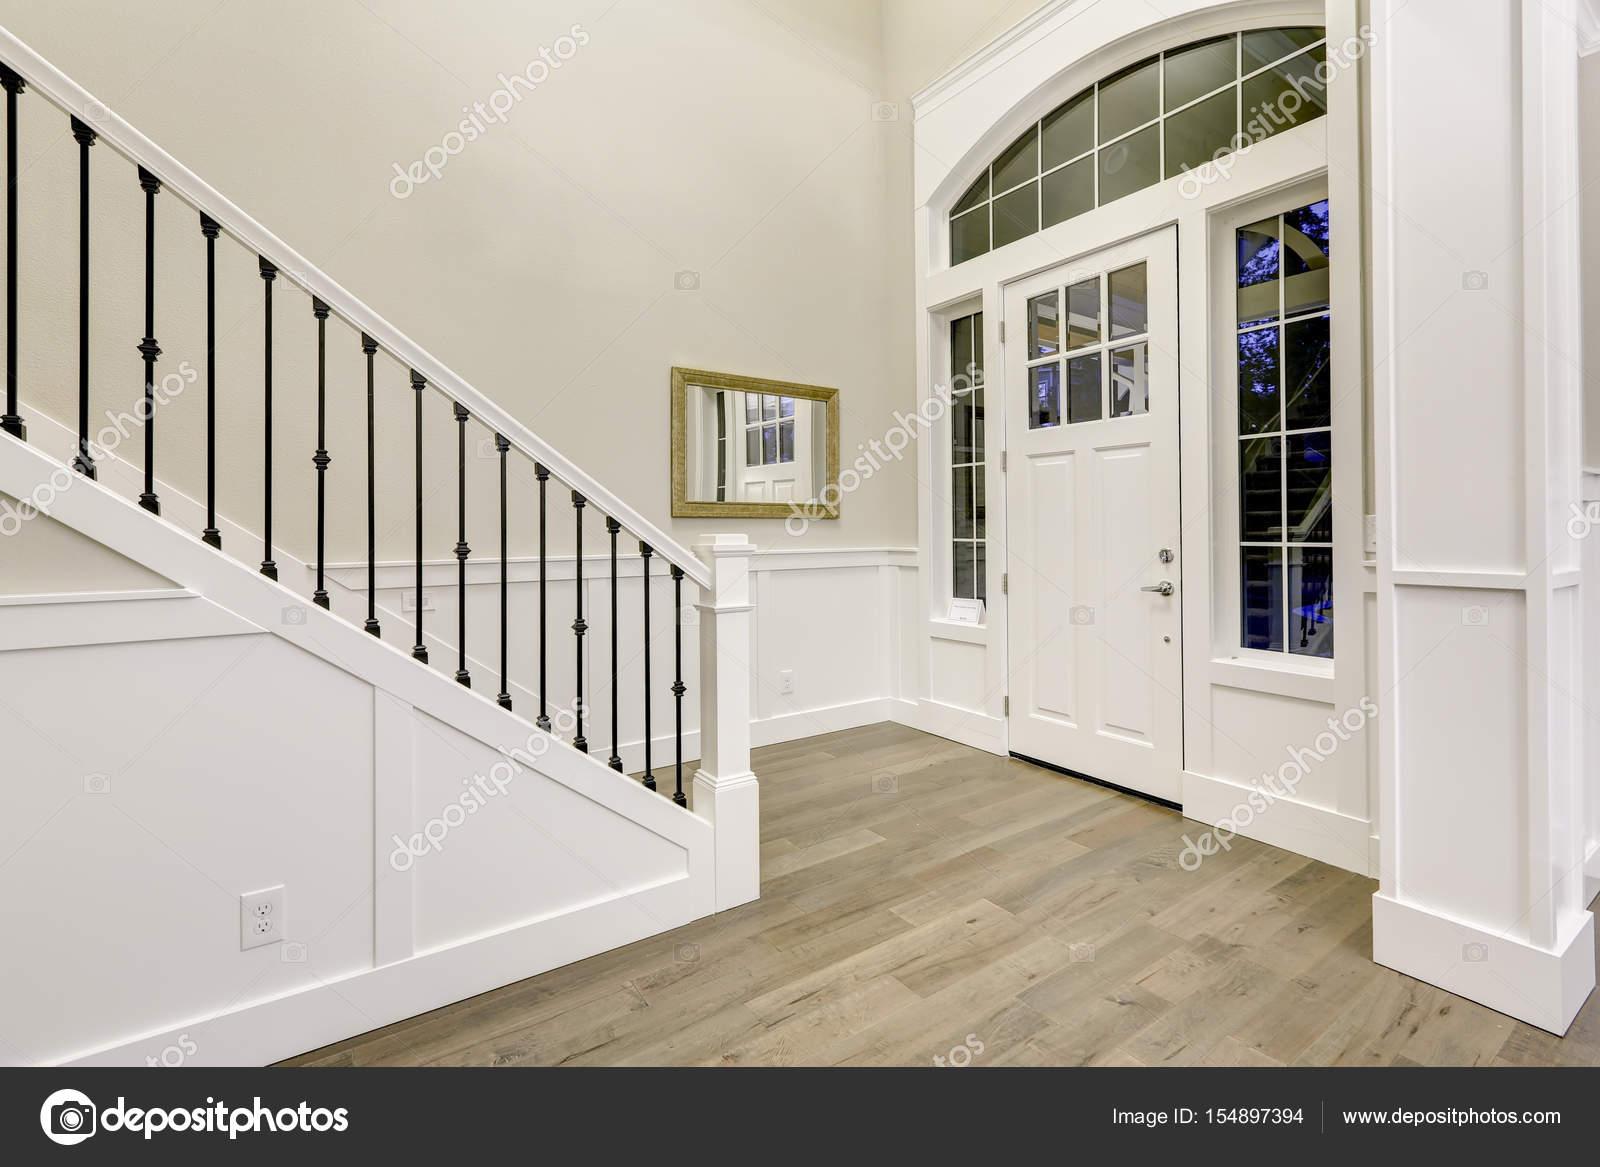 Soffitti In Legno Chiaro : Design chic bianco ingresso accentato con soffitto alto u foto